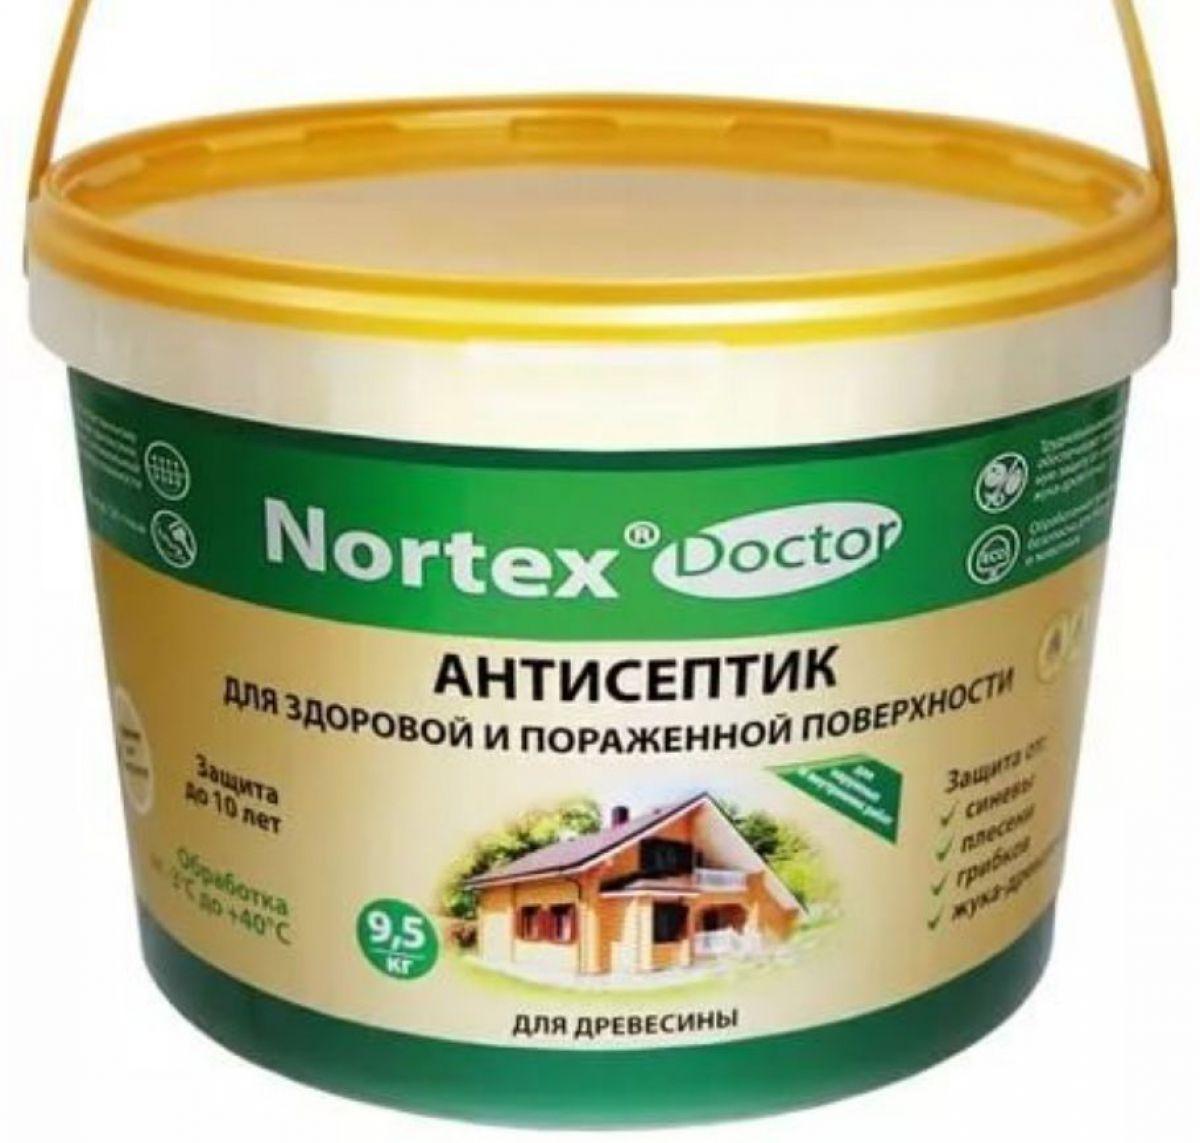 Антисептики для древесины 5128